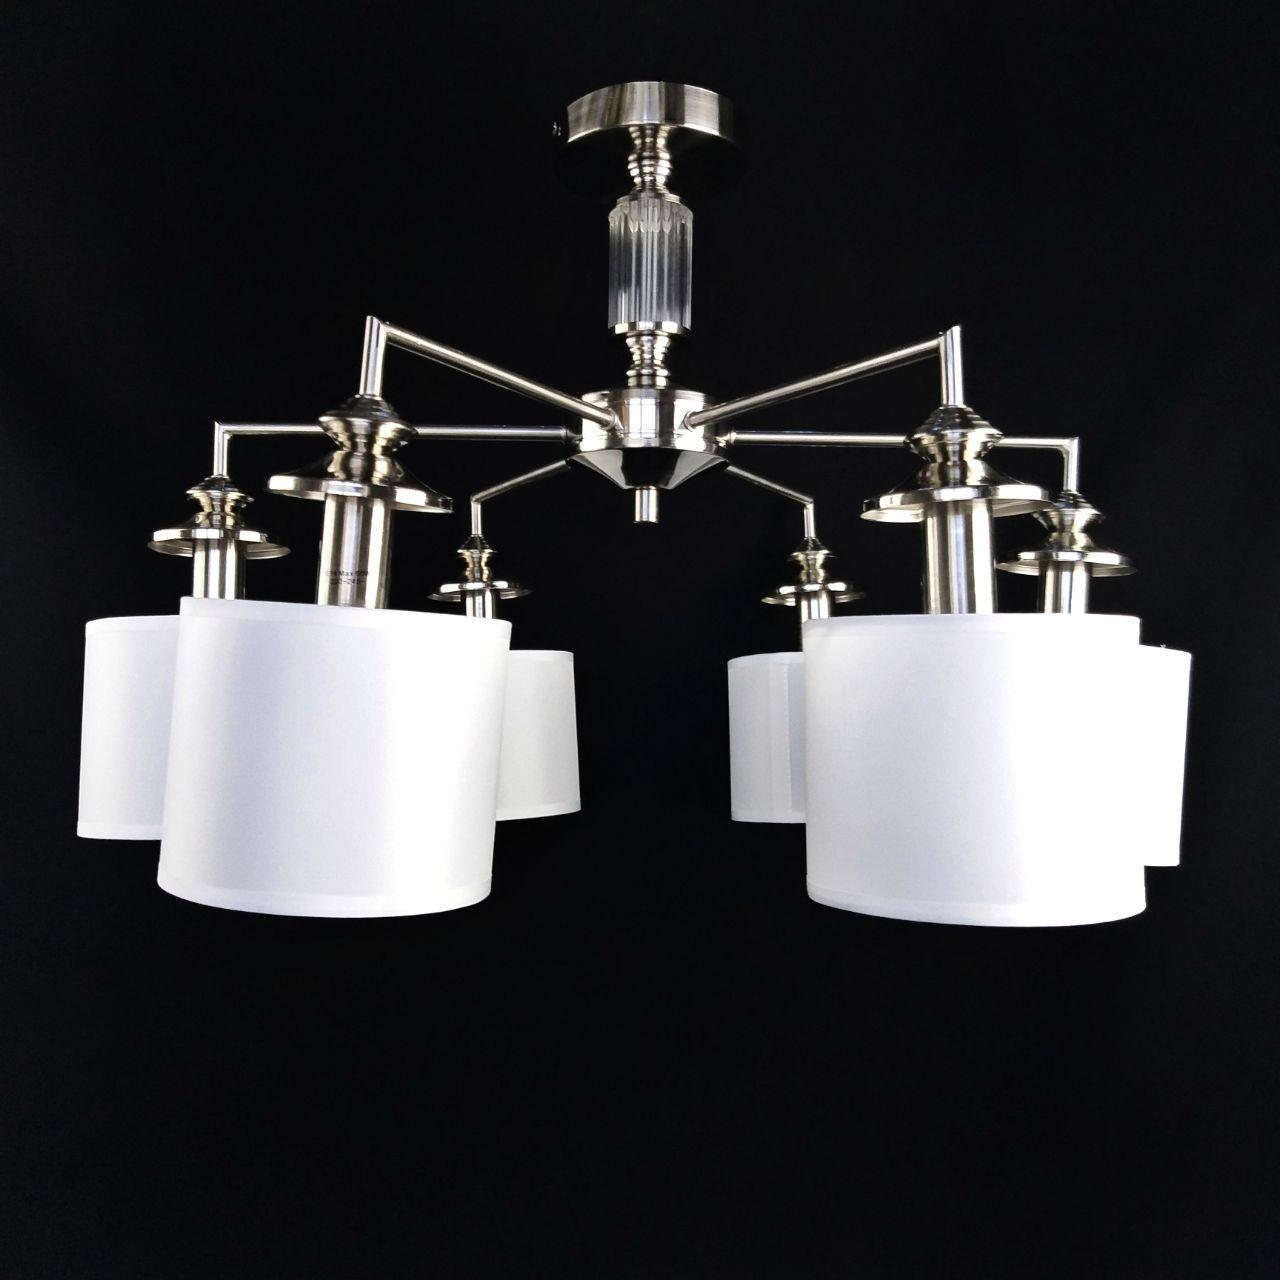 Люстра потолочная на шесть лампочек белыми тканевыми плафонами 29-S317/6 SN+WT